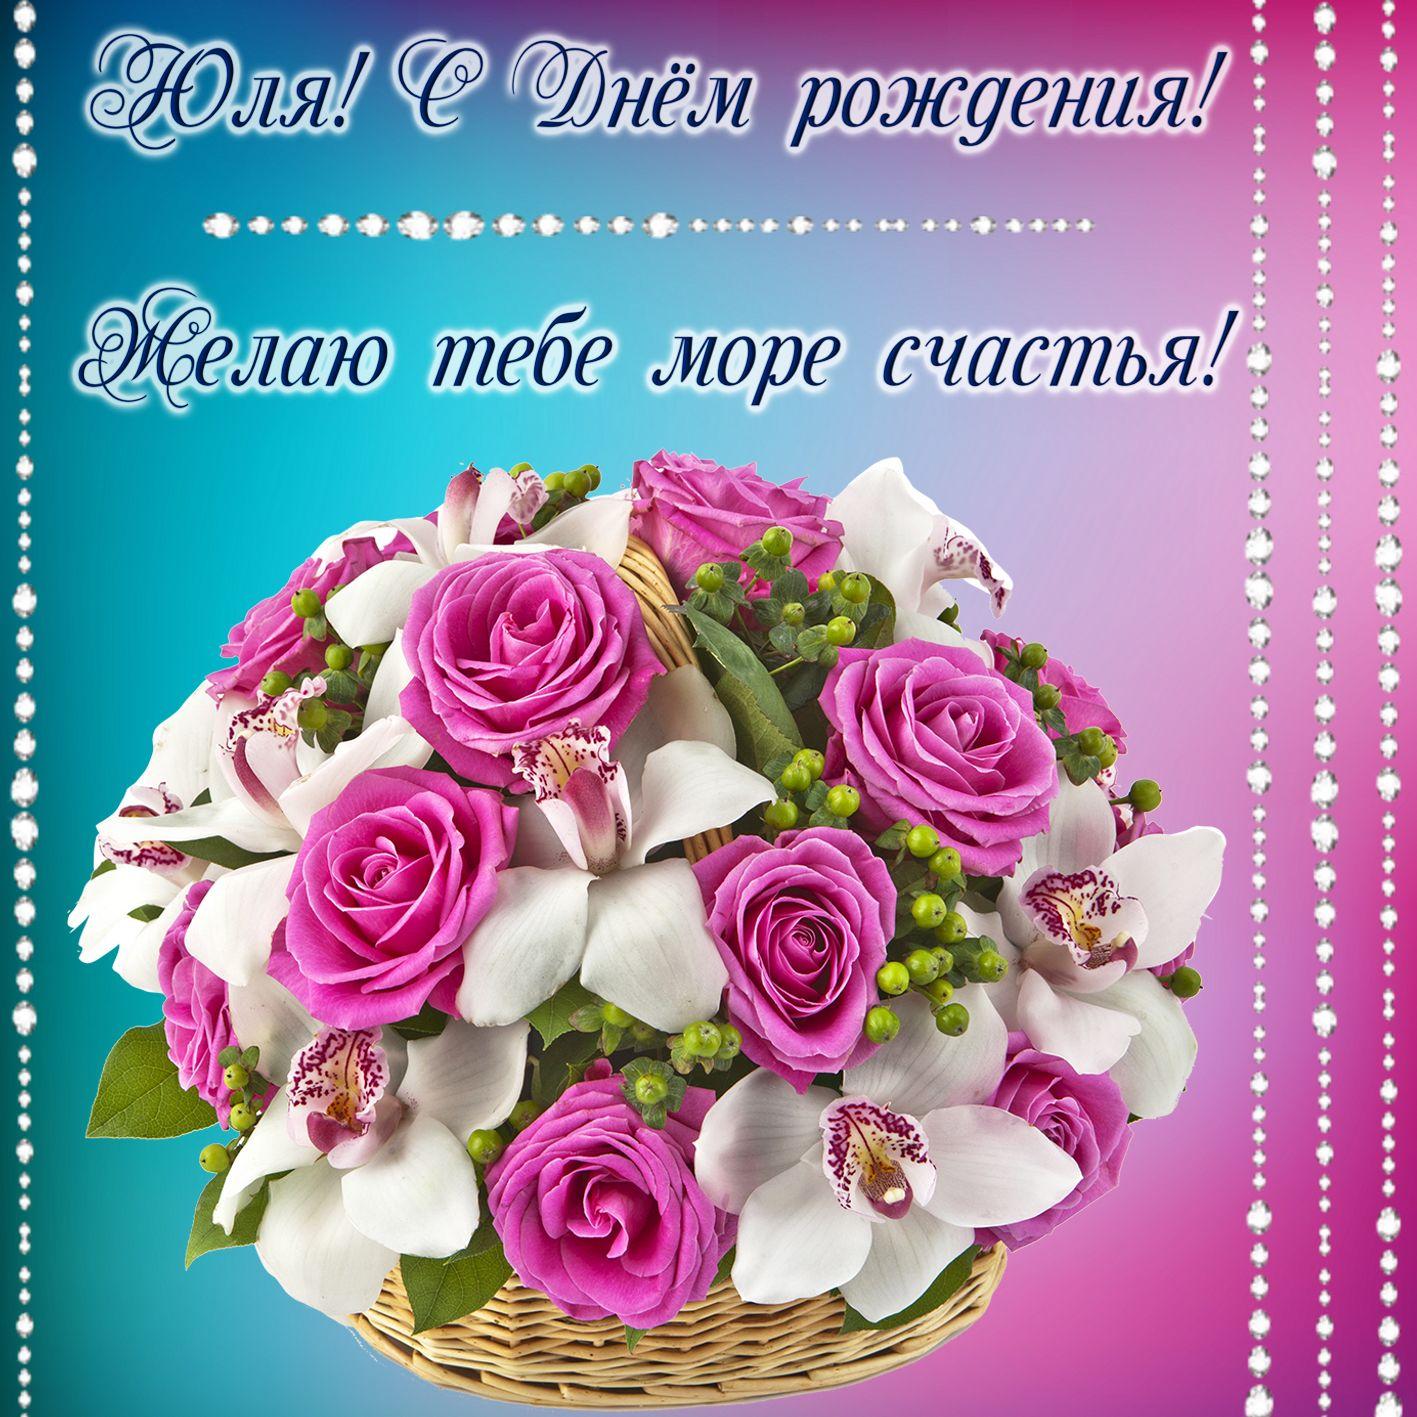 Открытка на День рождения Юлии - корзинка с цветами на красивом фоне